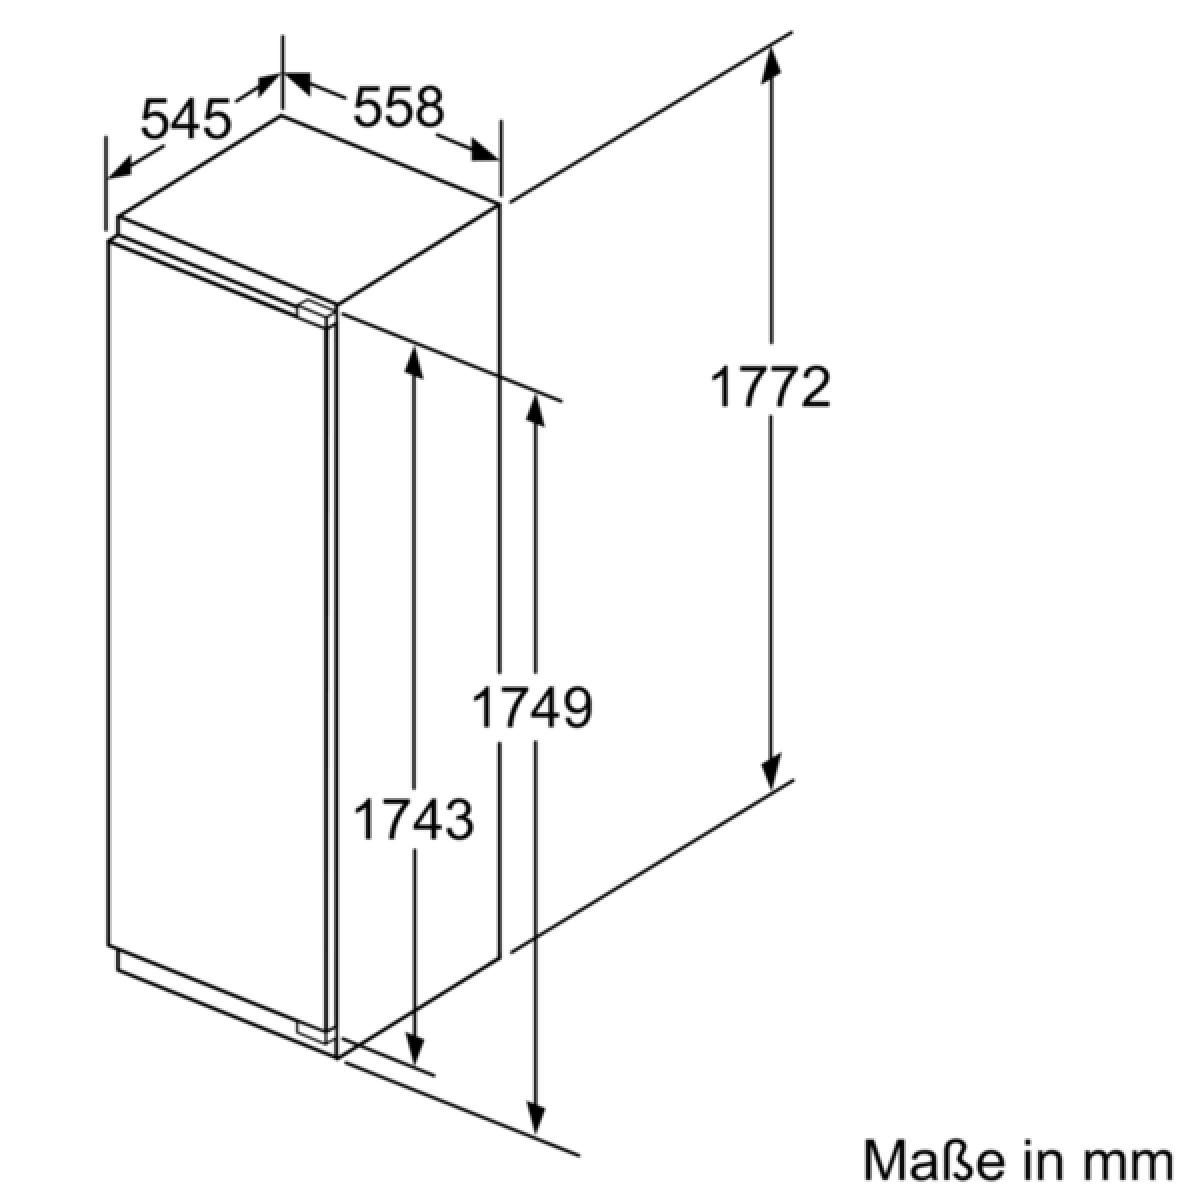 siemens ki 82 lad 40 einbauk hlschrank 178cm mit gefrierfach 34ltr softclosing led hyperfresh. Black Bedroom Furniture Sets. Home Design Ideas